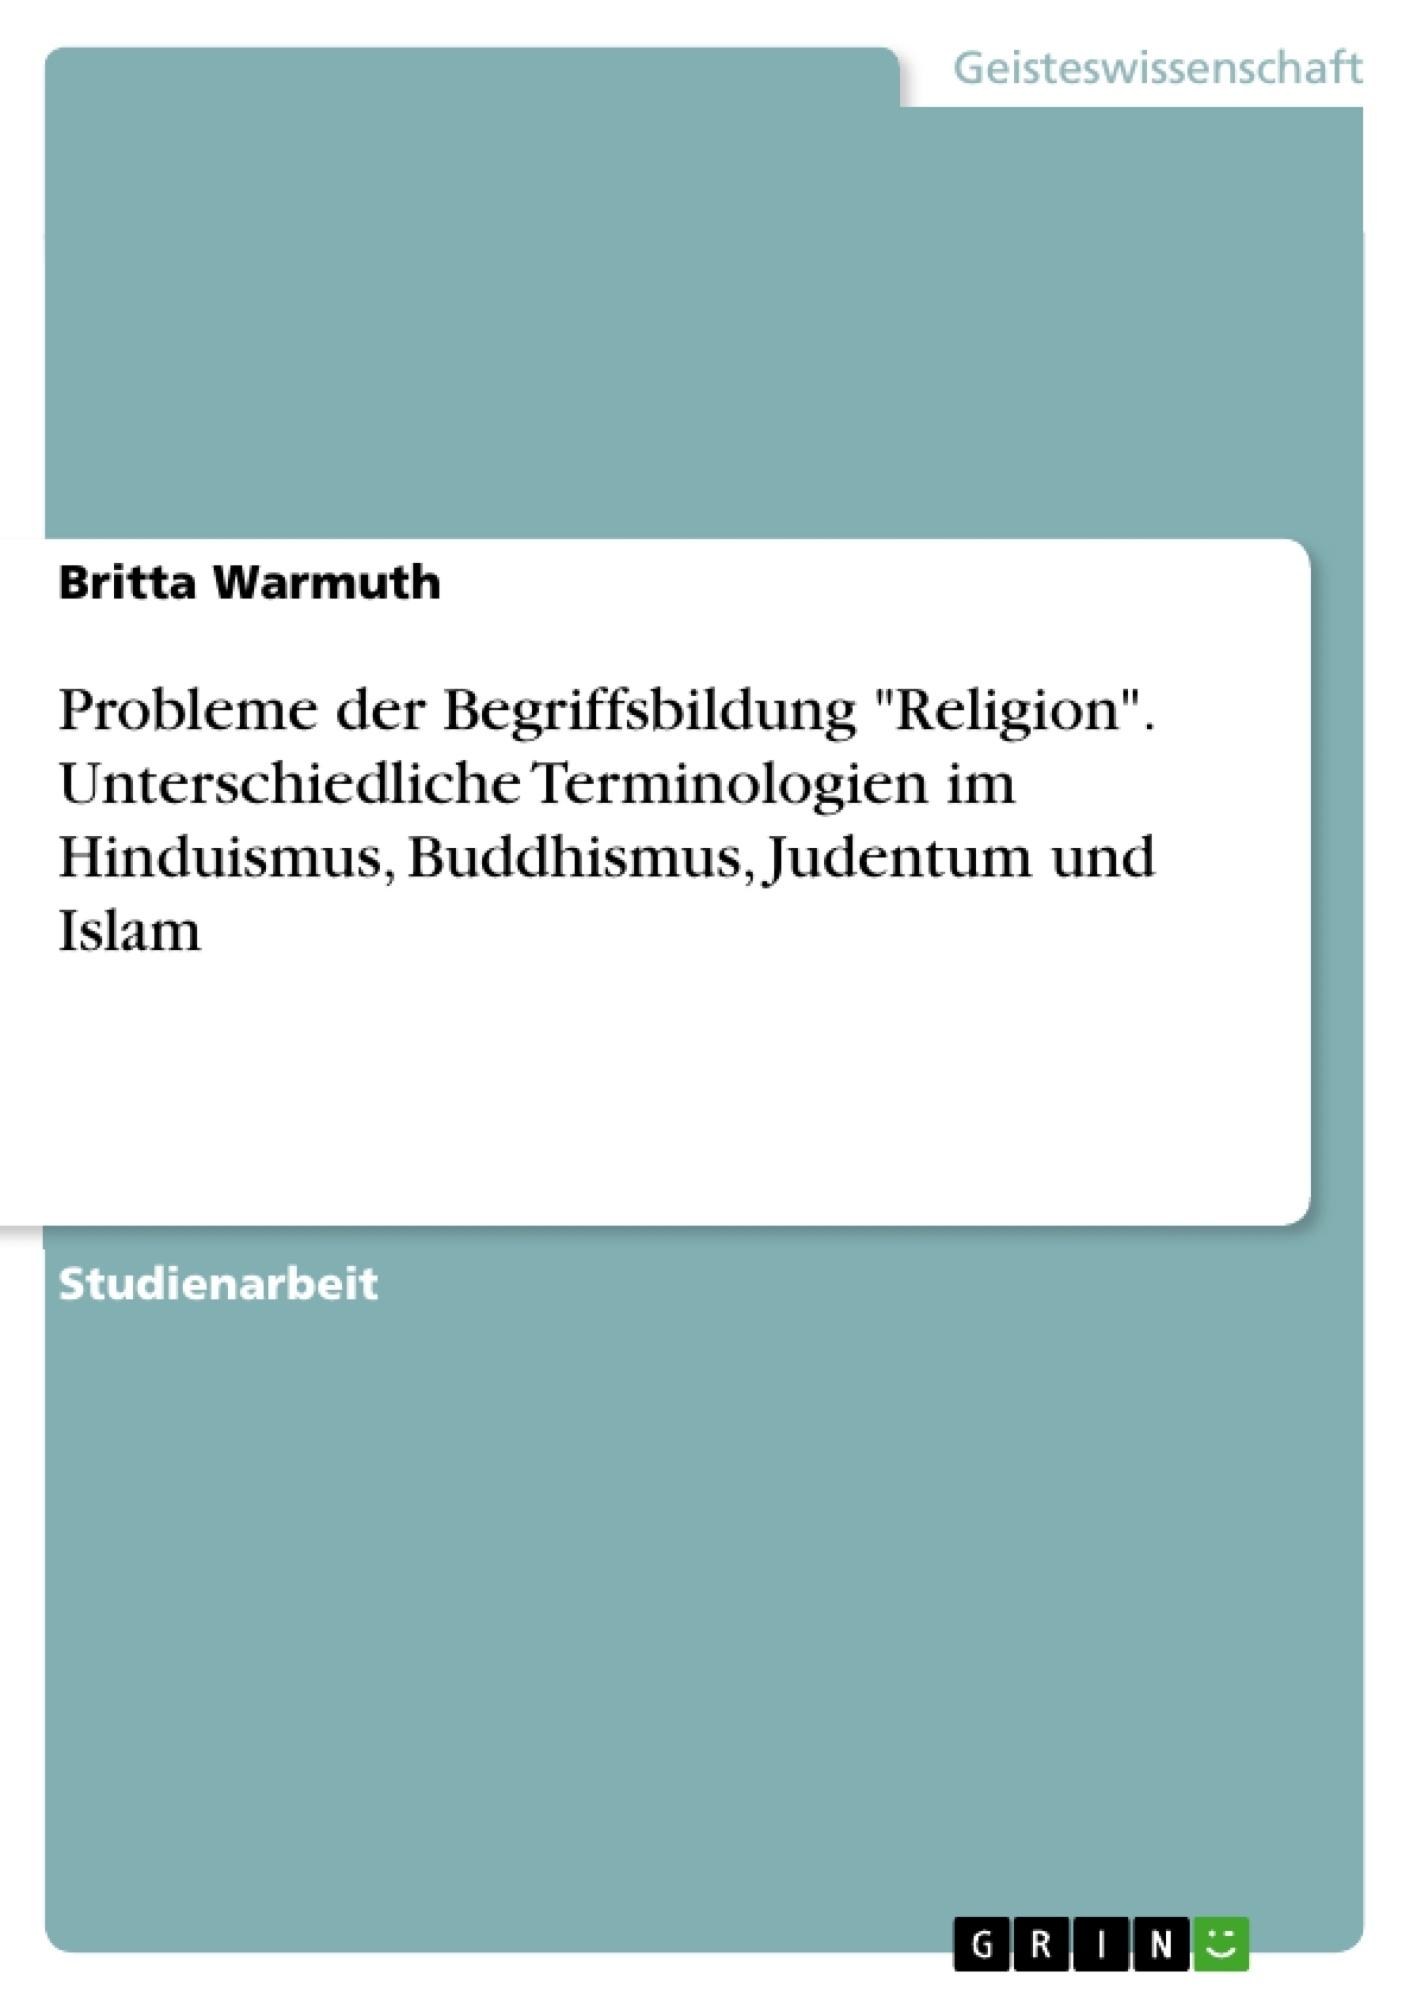 """Titel: Probleme der Begriffsbildung """"Religion"""". Unterschiedliche Terminologien im Hinduismus, Buddhismus, Judentum und Islam"""